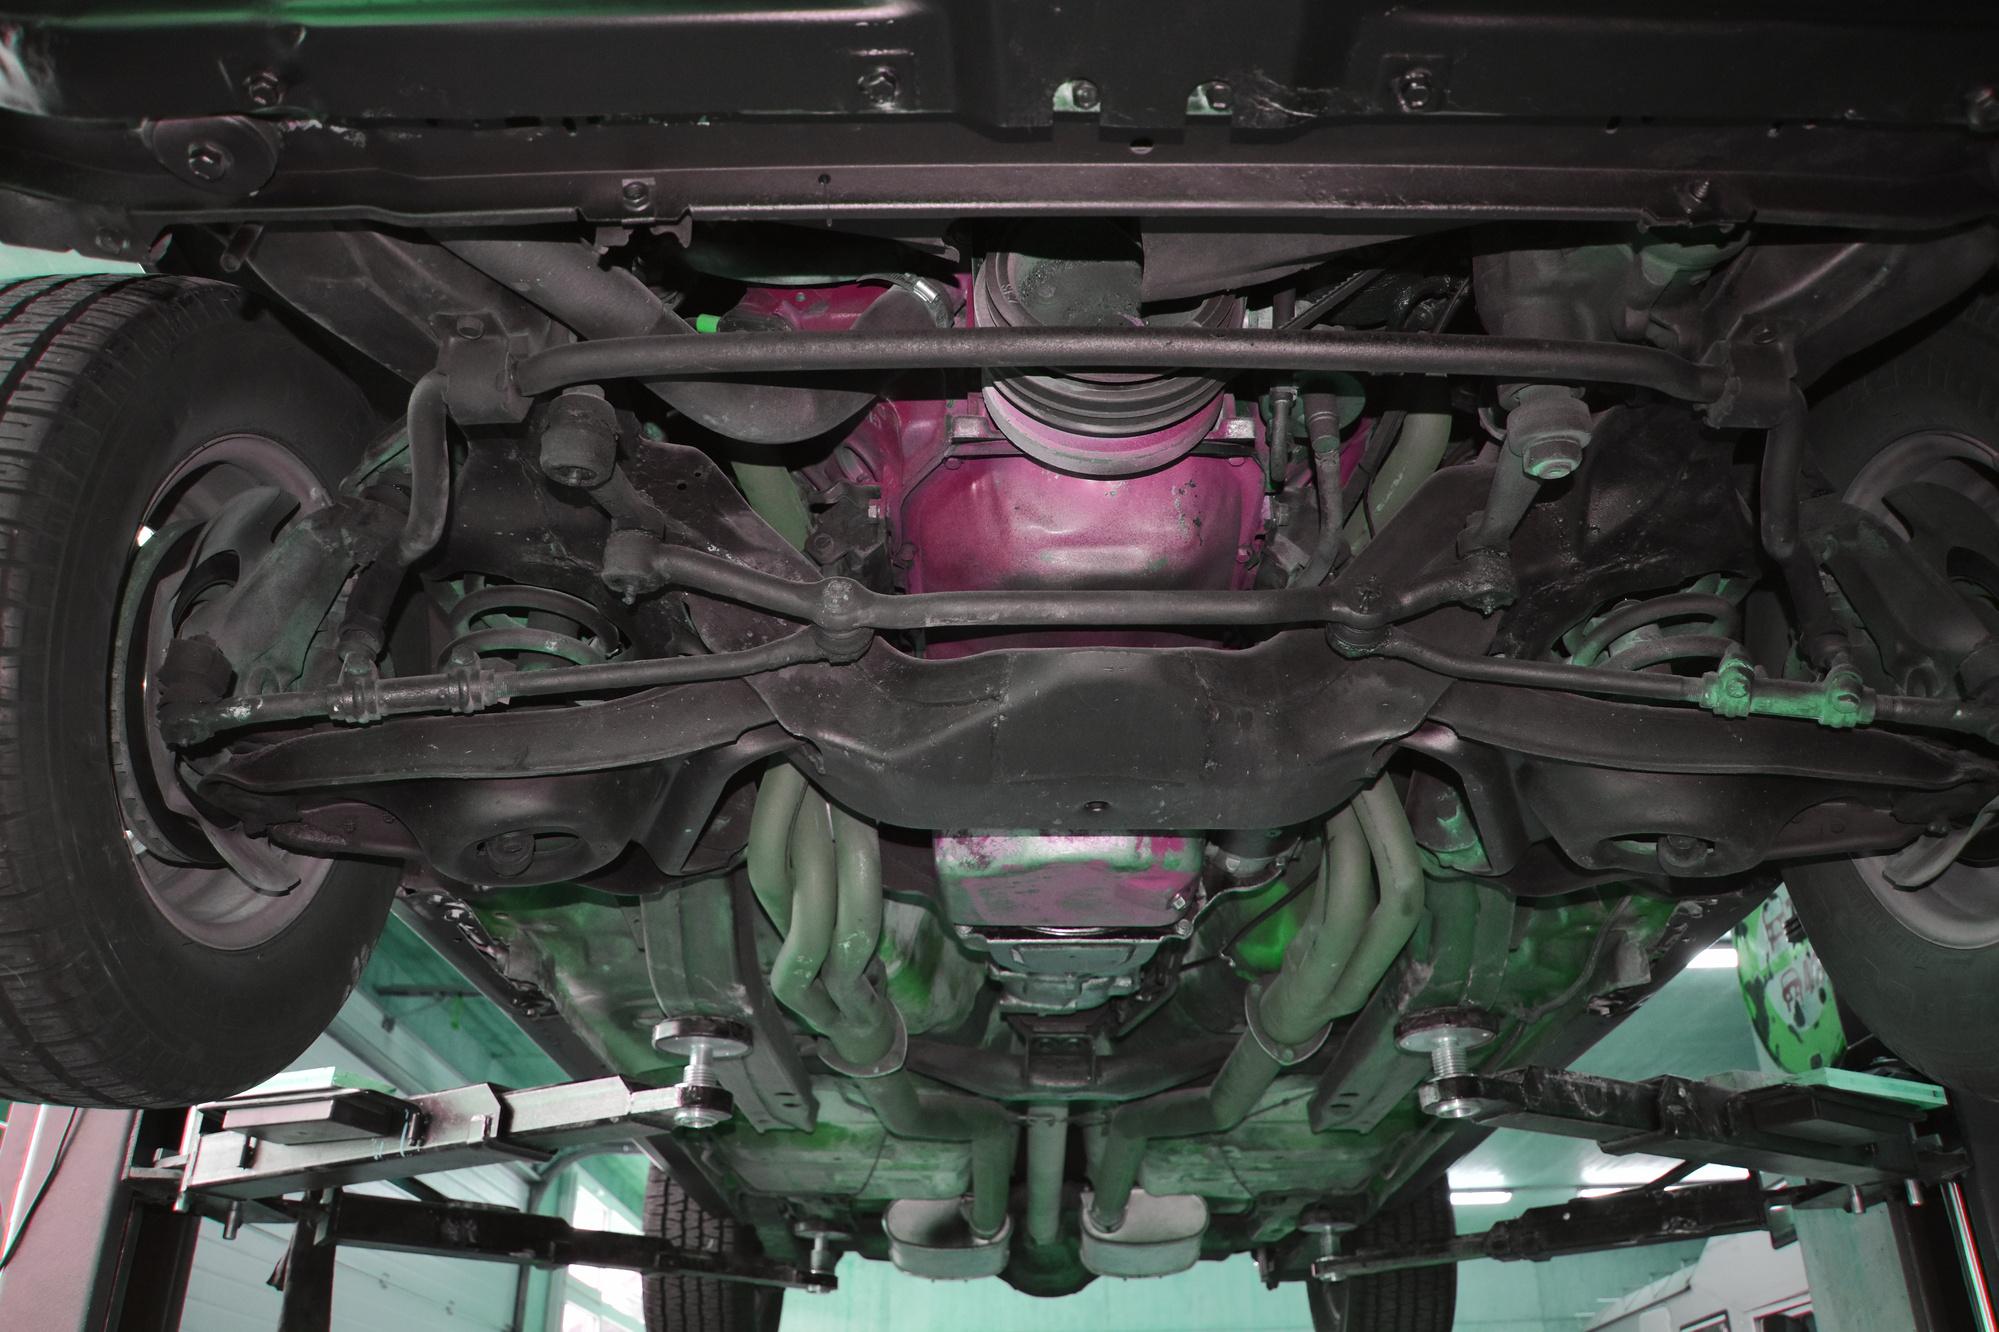 Unterboden von vorne nach hinten eines 1970 Pontiac Firebird Esprit Formula 350 5.7 Liter oldtimer